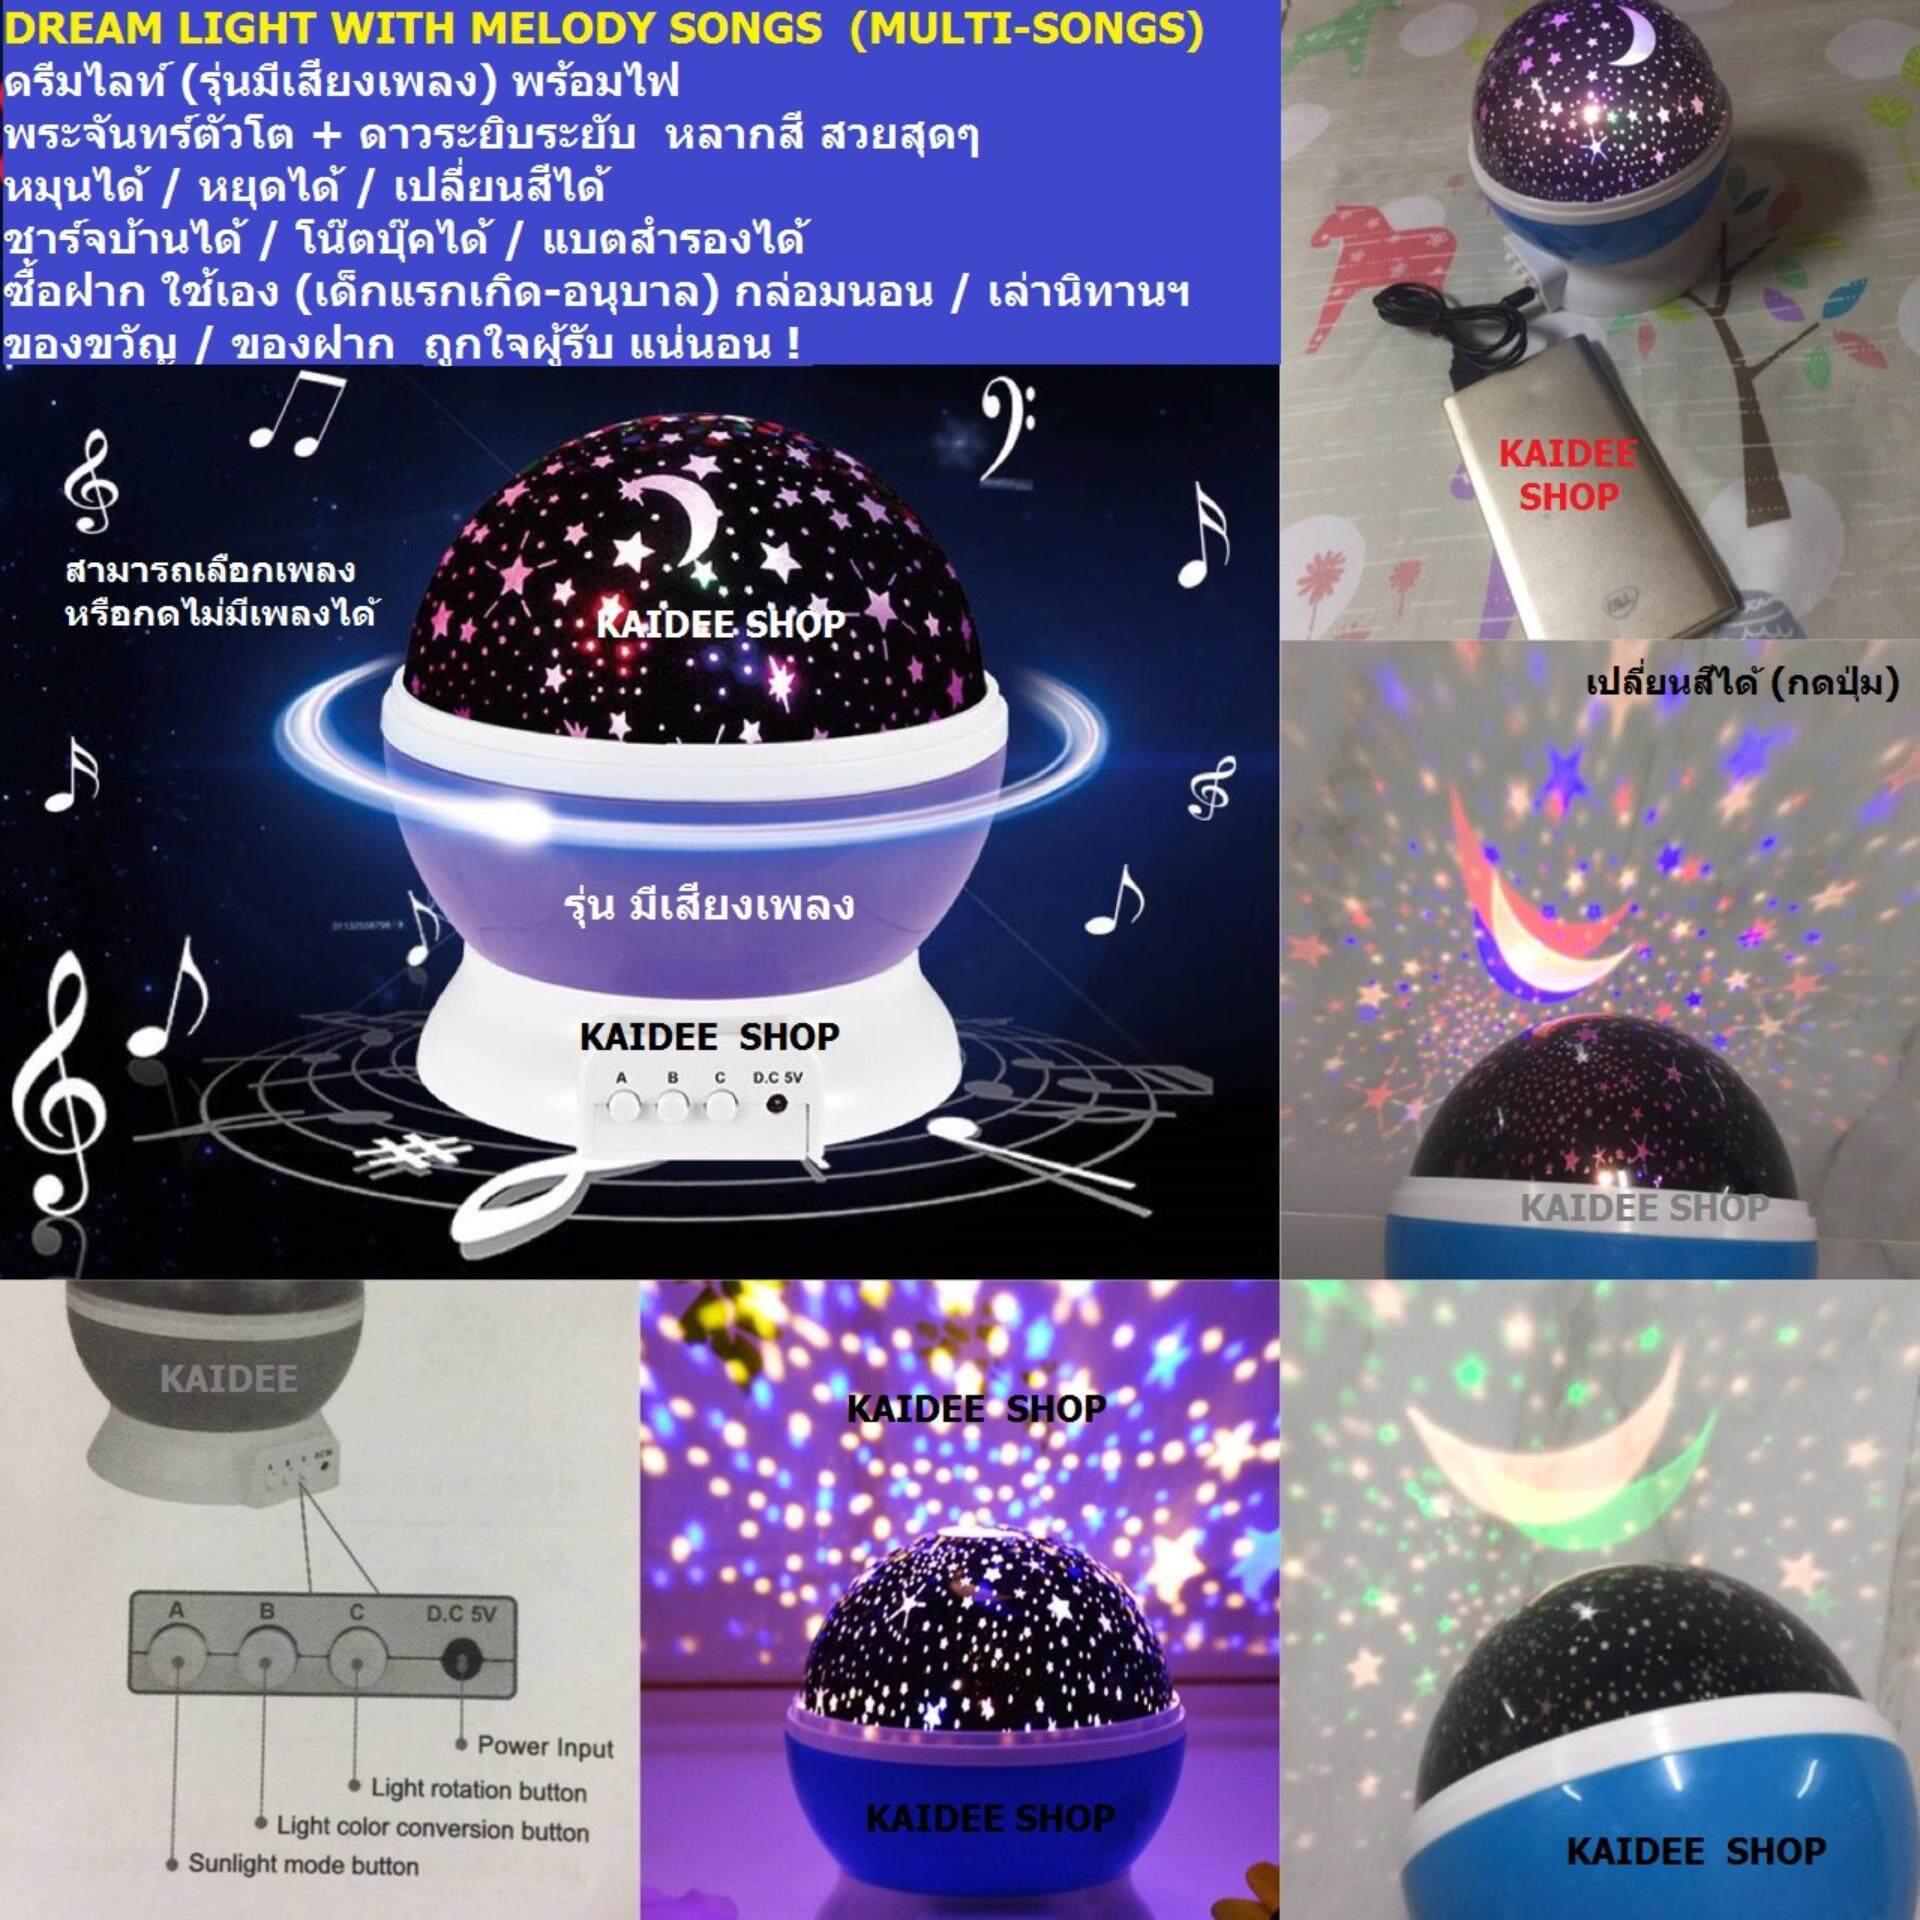 ส่งฟรี!! Star&Moon Light ดรีมไลท์ ไฟส่องขึ้นเพดาน ท้องฟ้าจำลอง หมุนได้ หยุดได้ เปลี่ยนสีได้ รุ่น มีเสียงเพลง + แบตในตัว ชาร์จได้ แบตสำรองได้